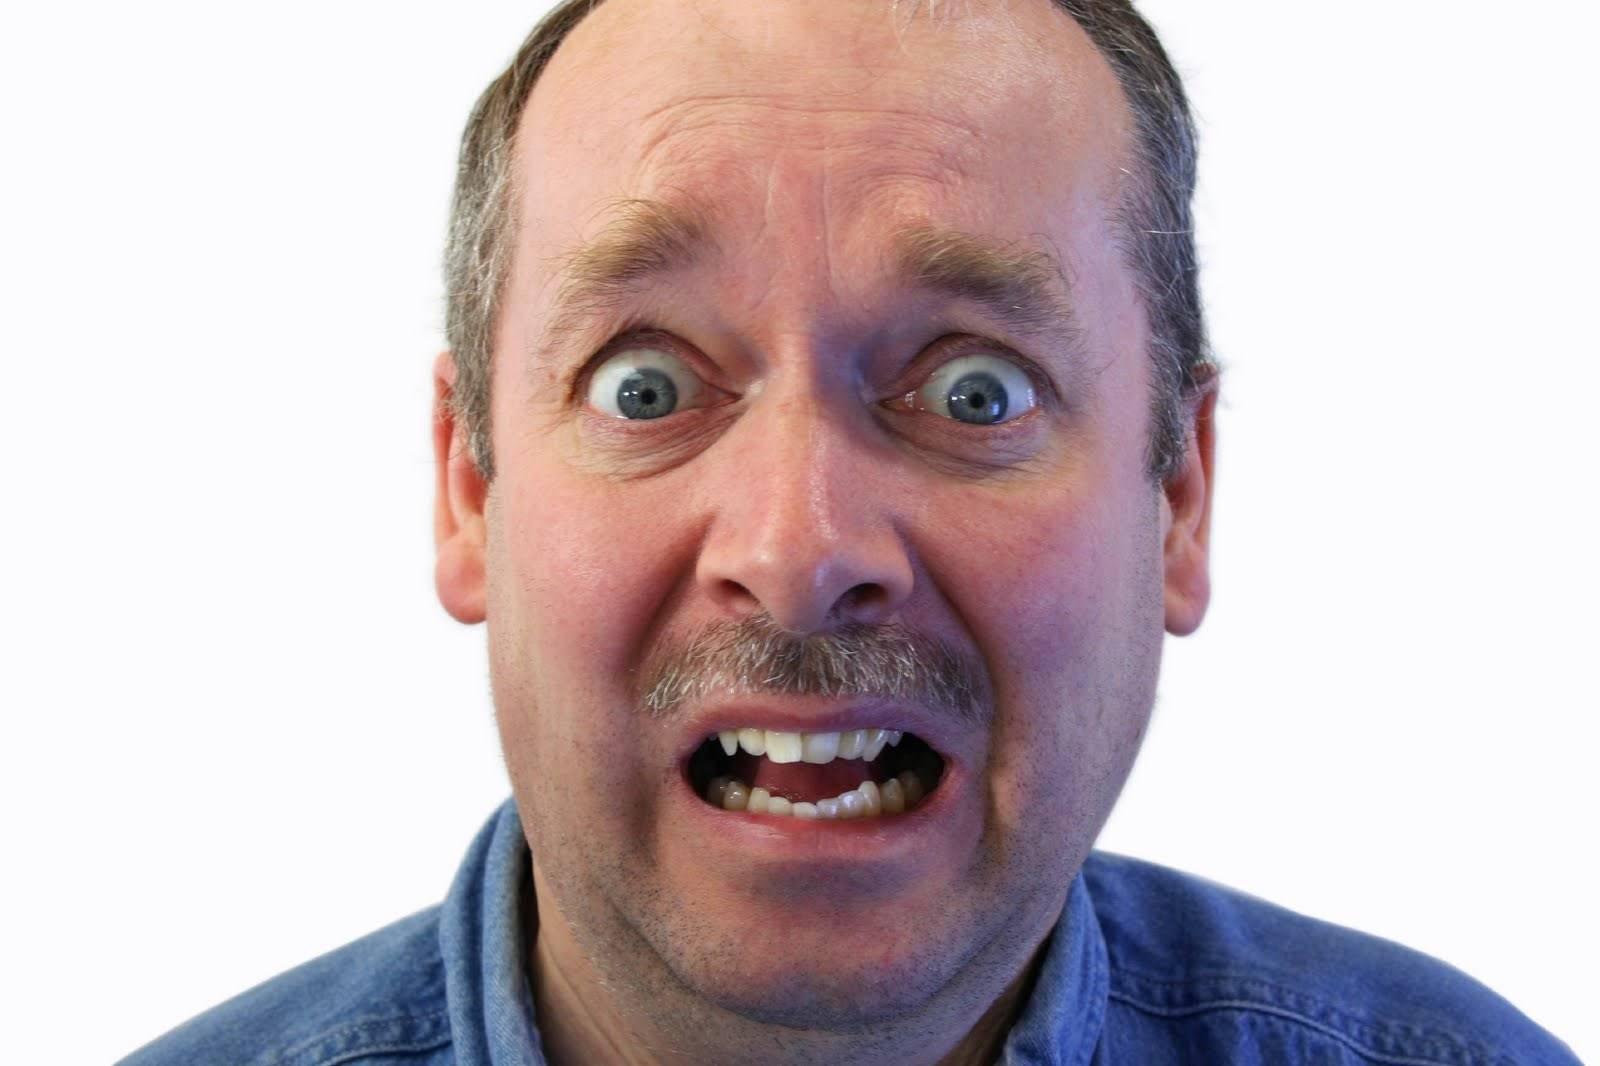 Rossz fogak társkereső oldal